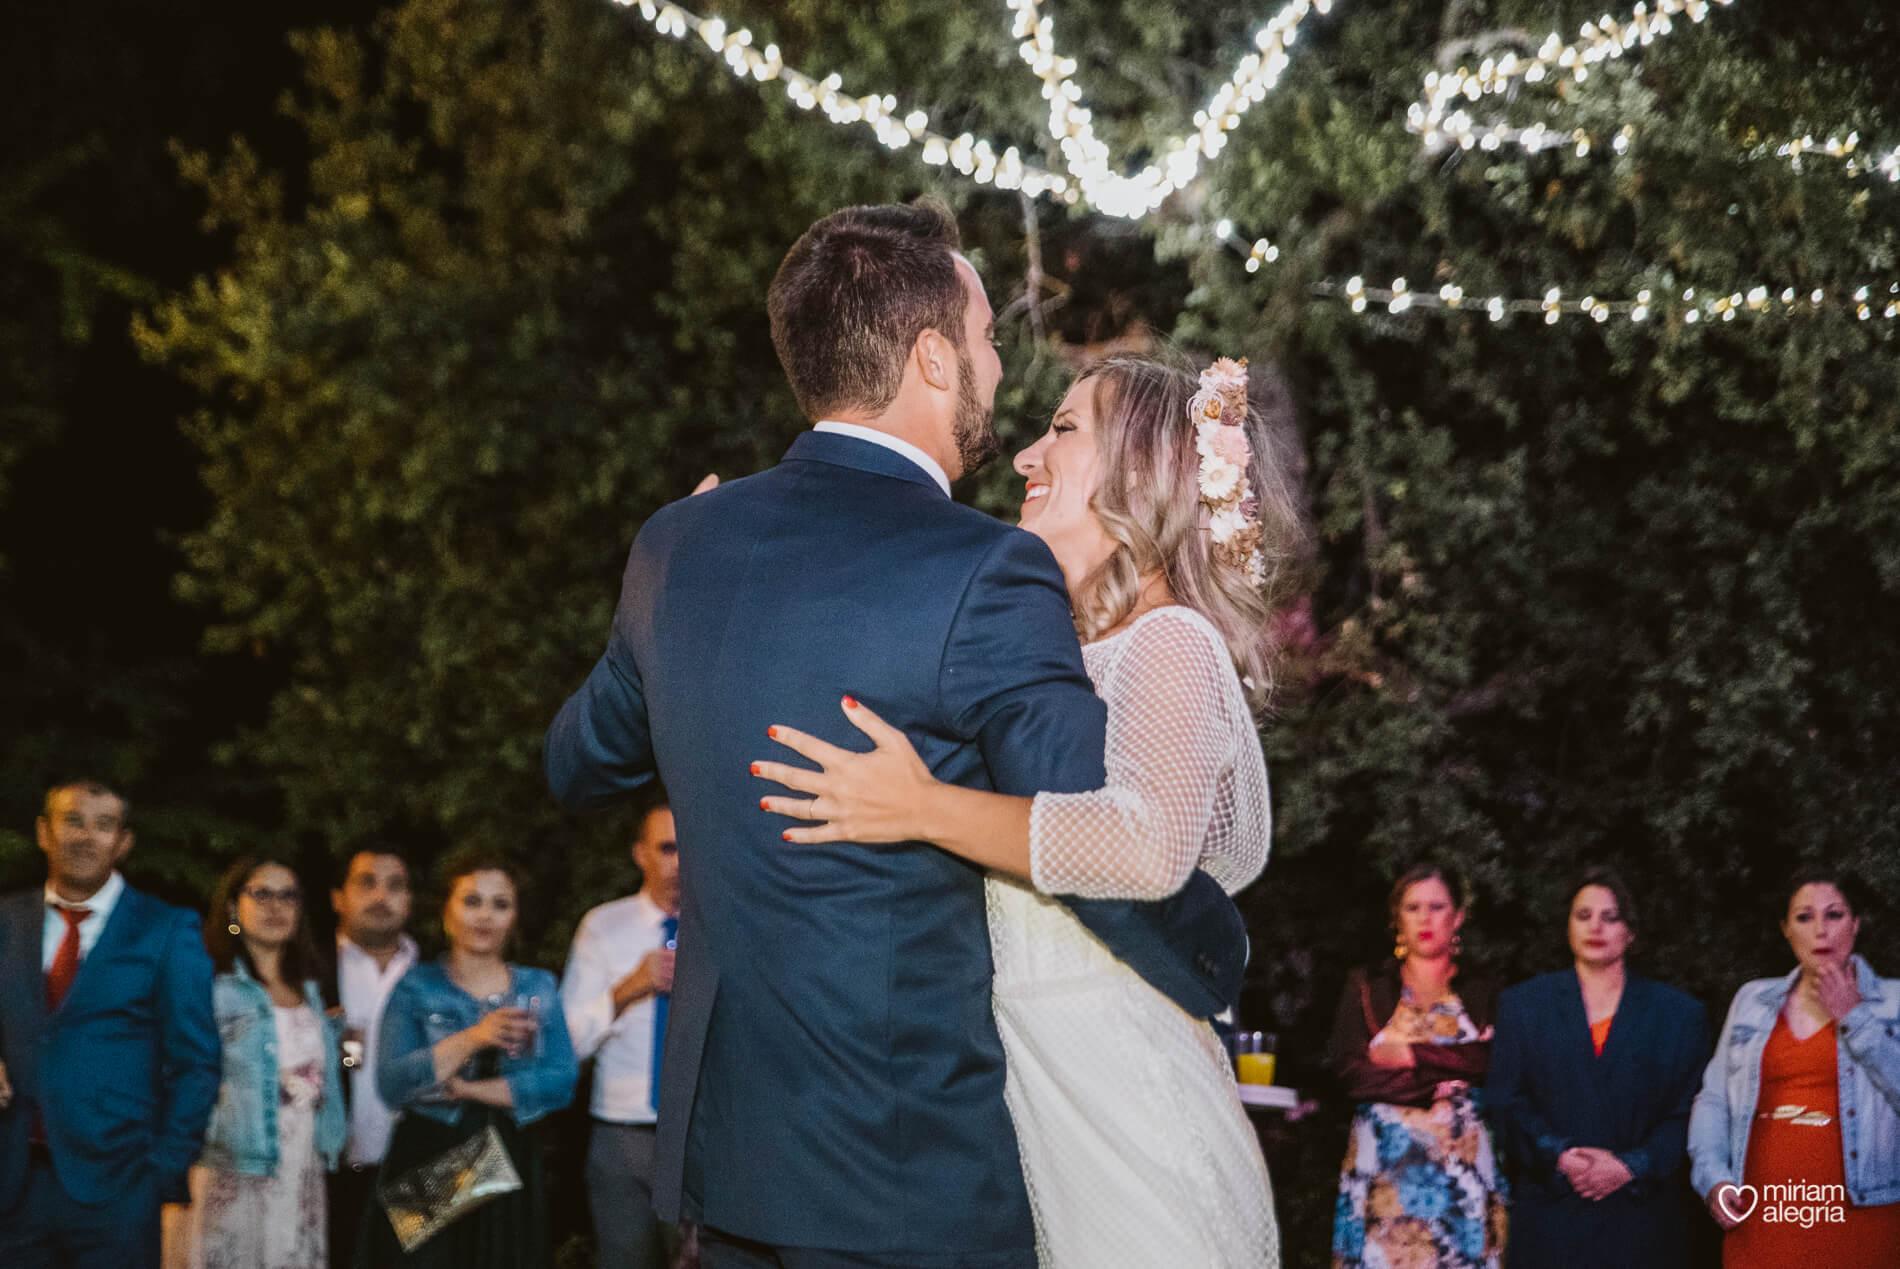 boda-en-collados-miriam-alegria-cayetana-ferrer-116